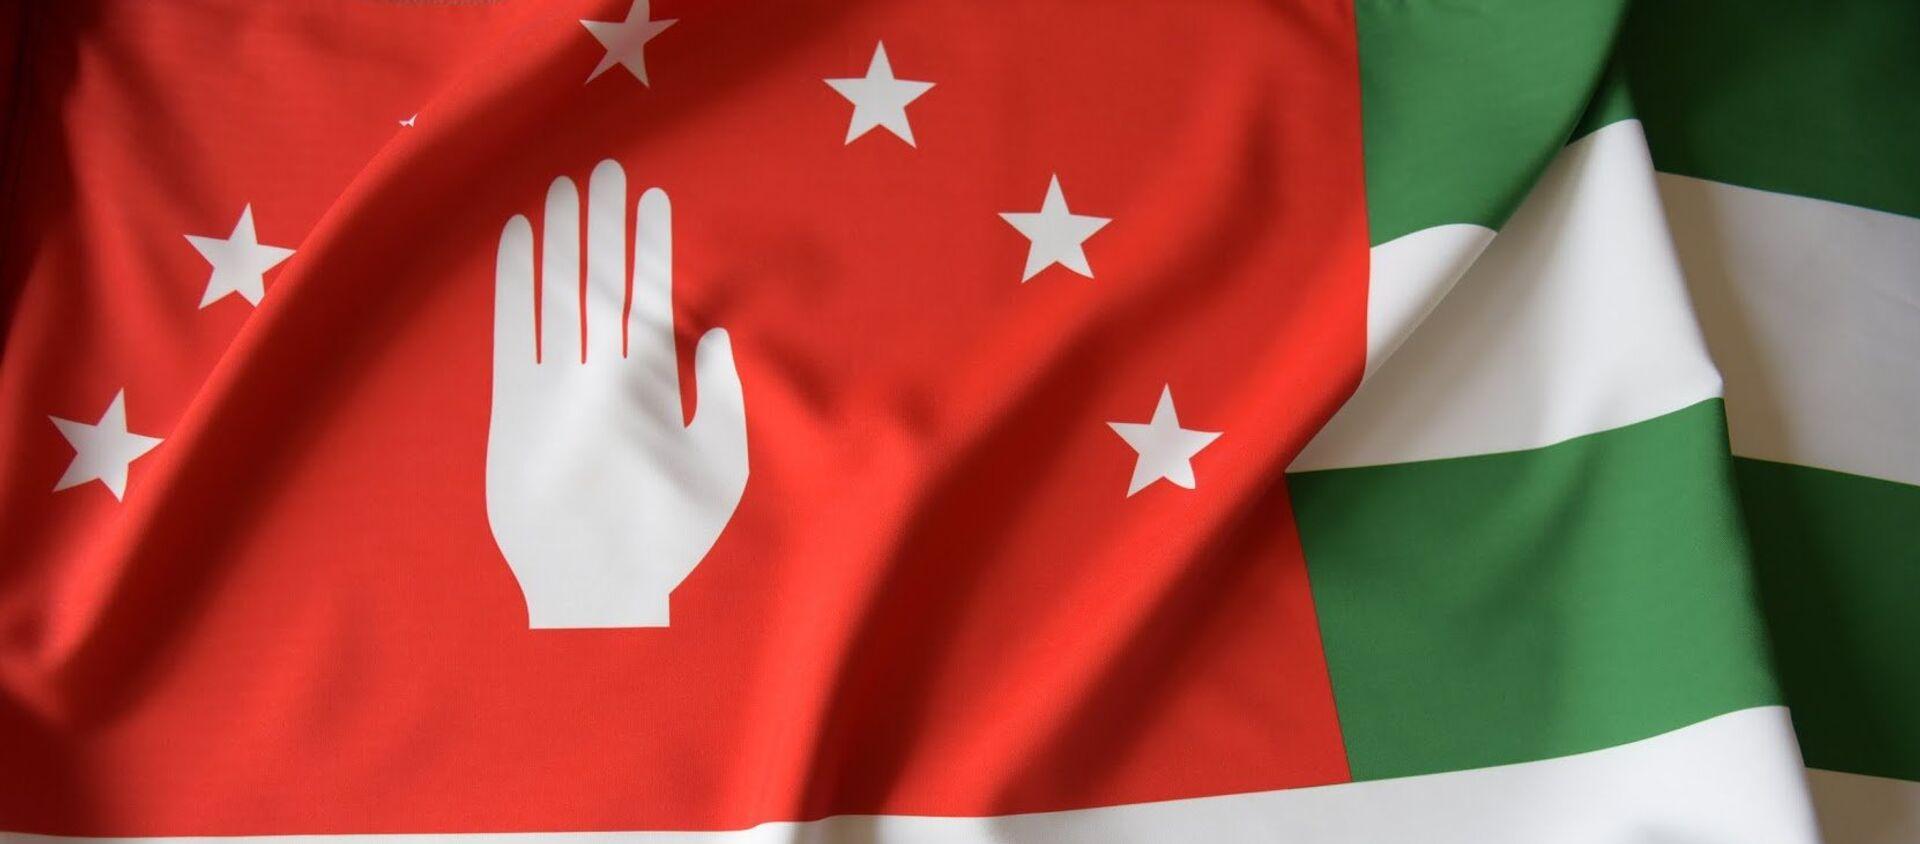 Абхазский флаг - Sputnik Аҧсны, 1920, 30.09.2021